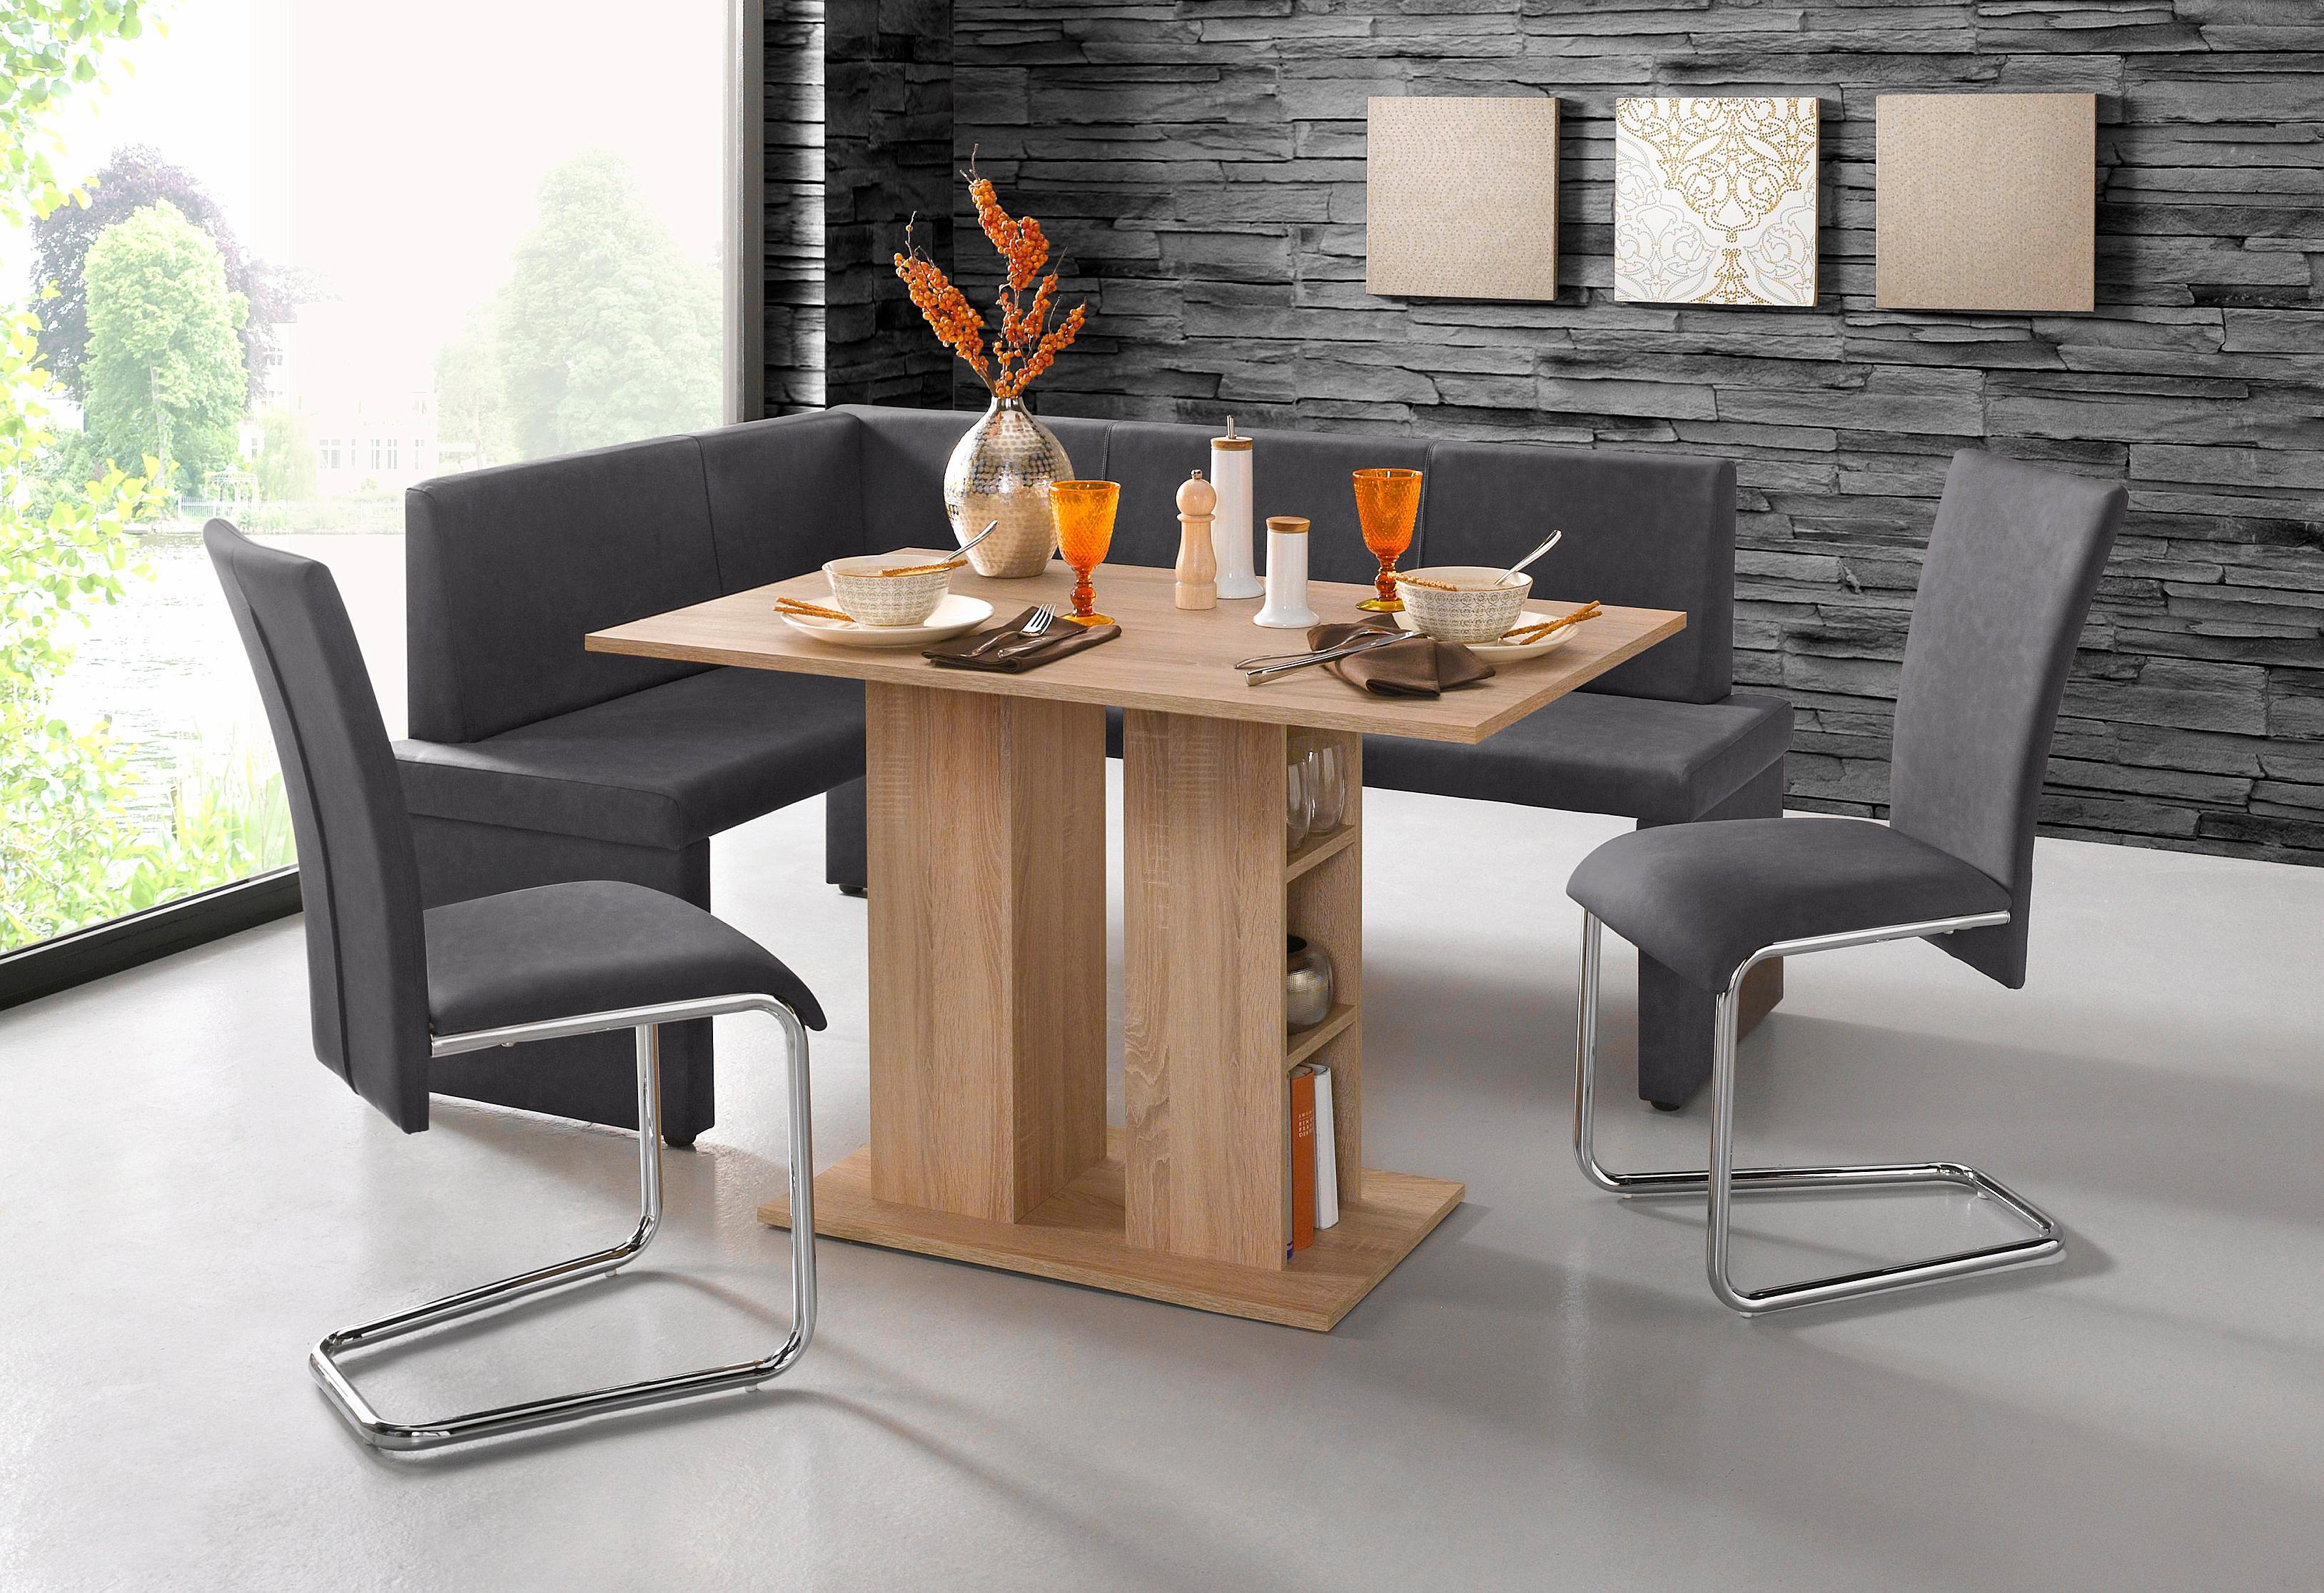 homexperts eckbankgruppe set 4 tlg bei otto. Black Bedroom Furniture Sets. Home Design Ideas